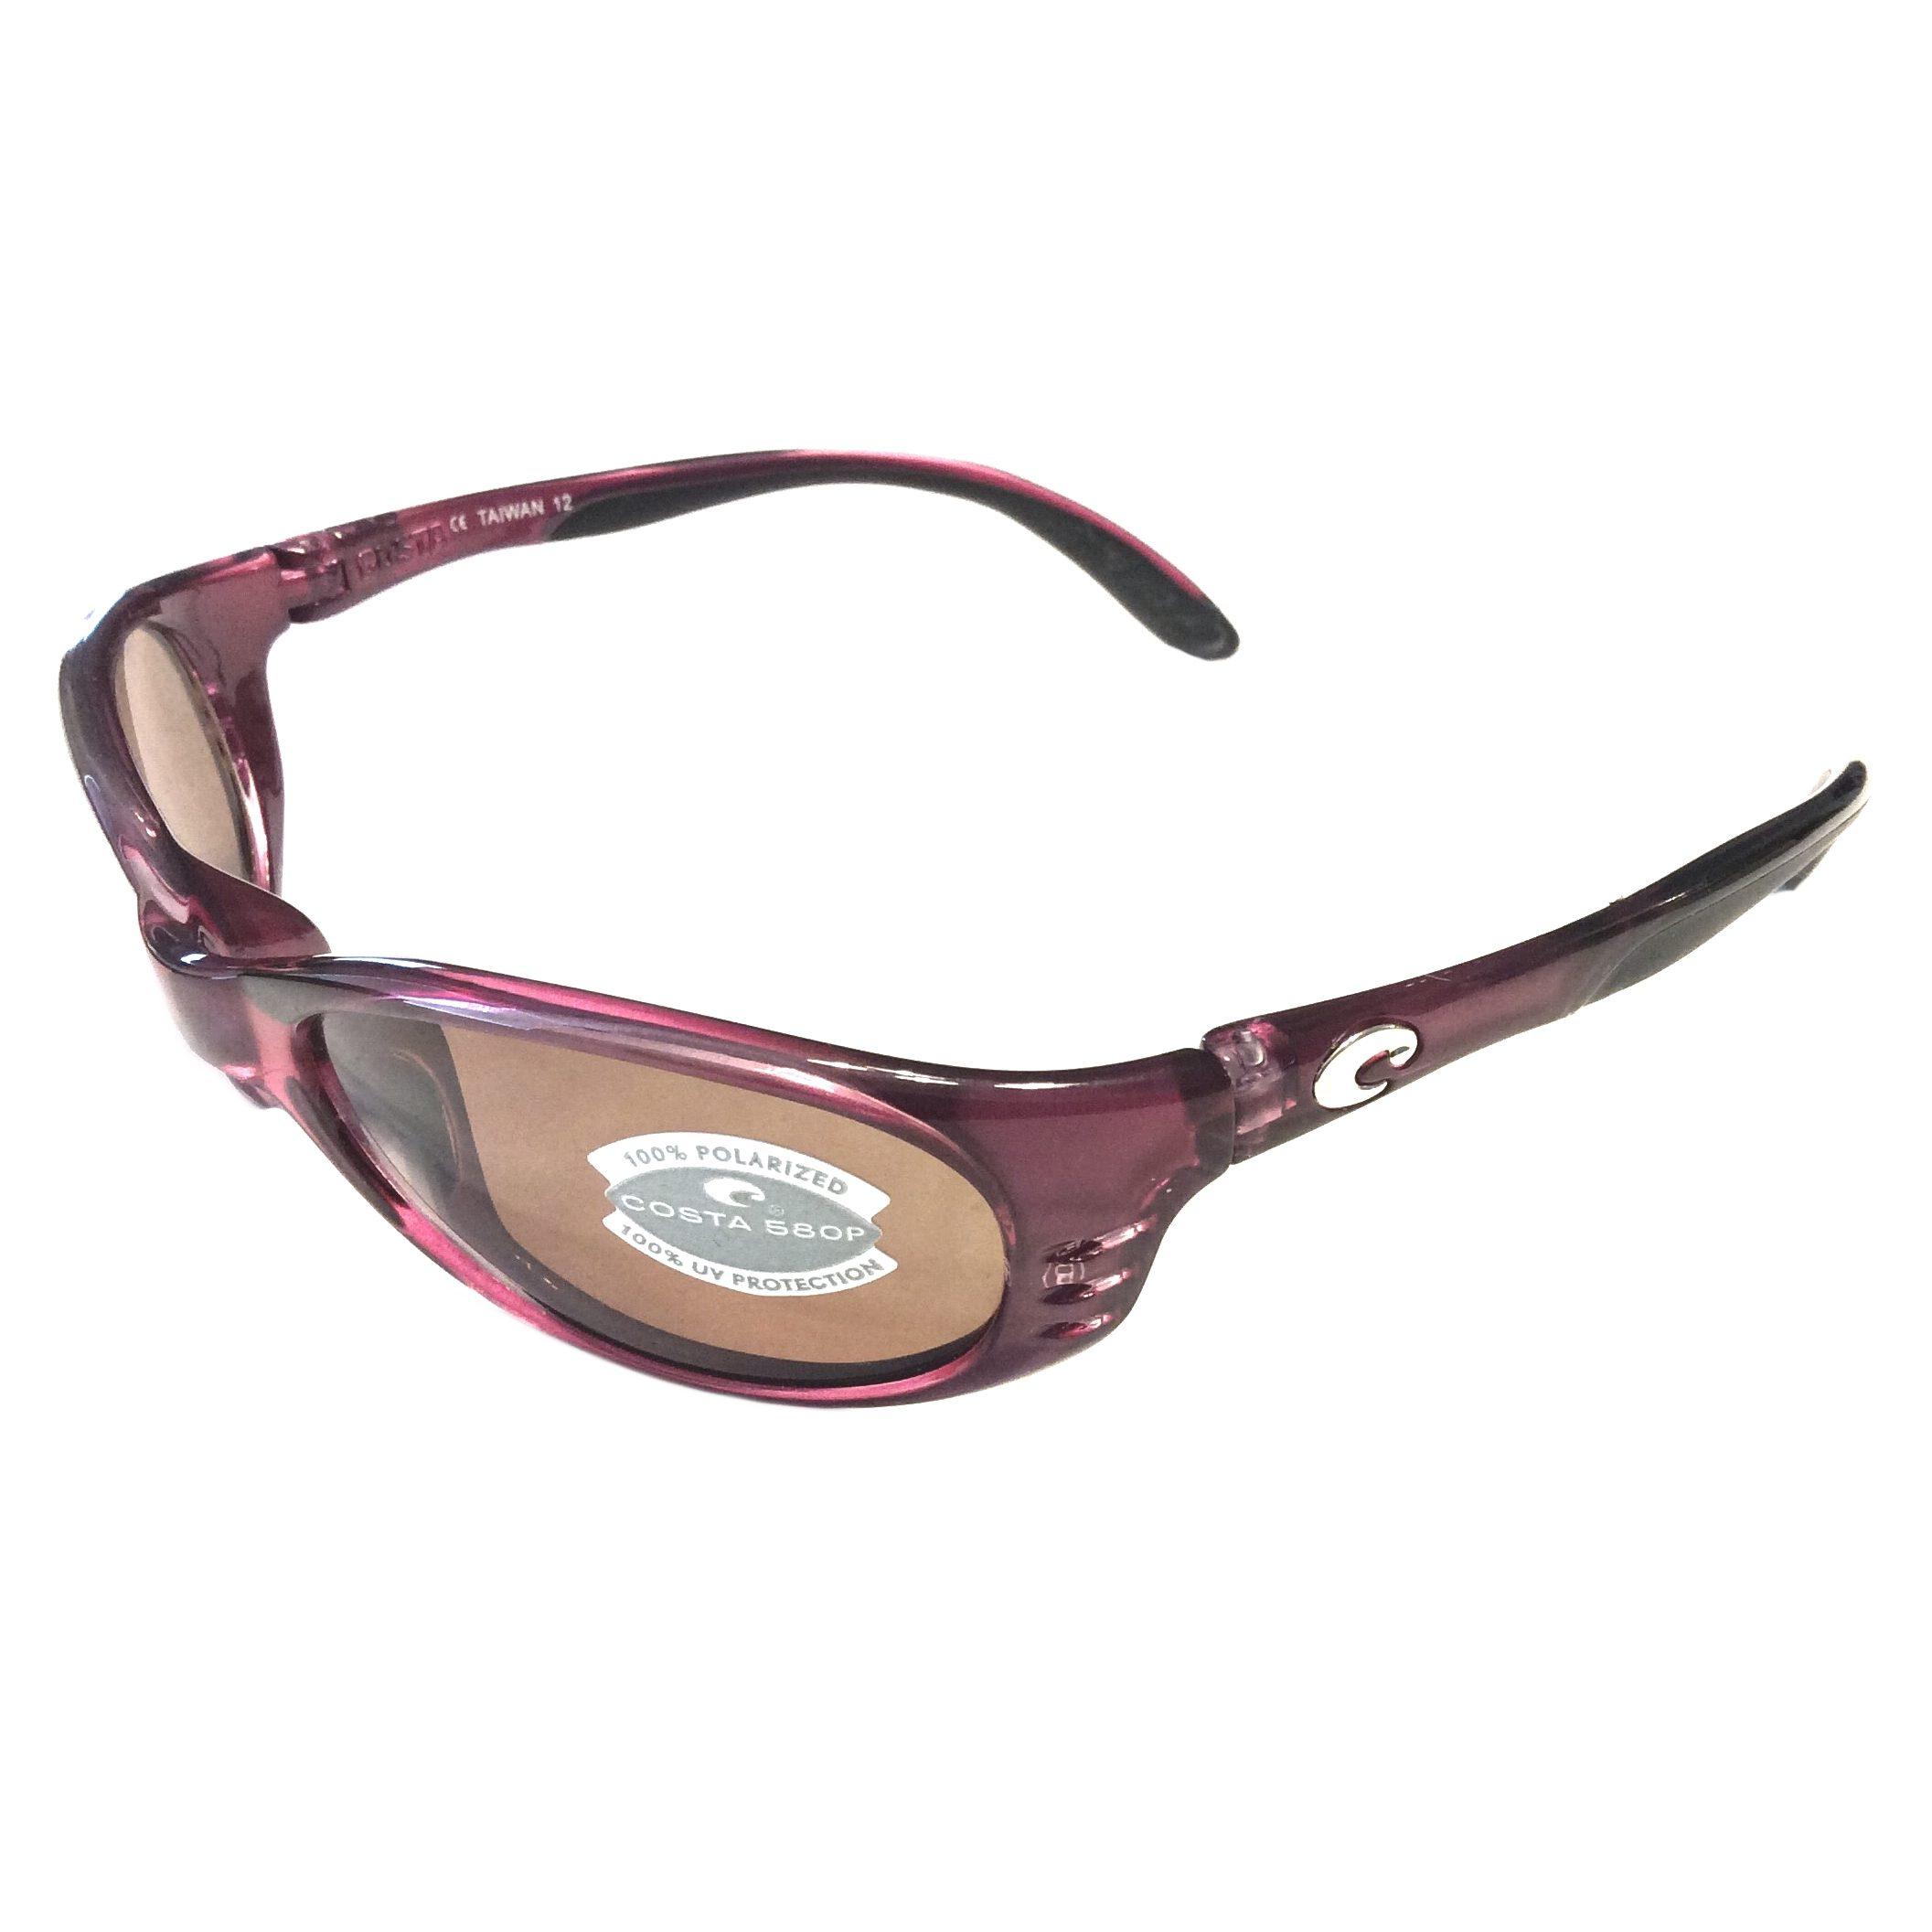 d35bb1004829 Costa Polarized Prescription Sunglasses